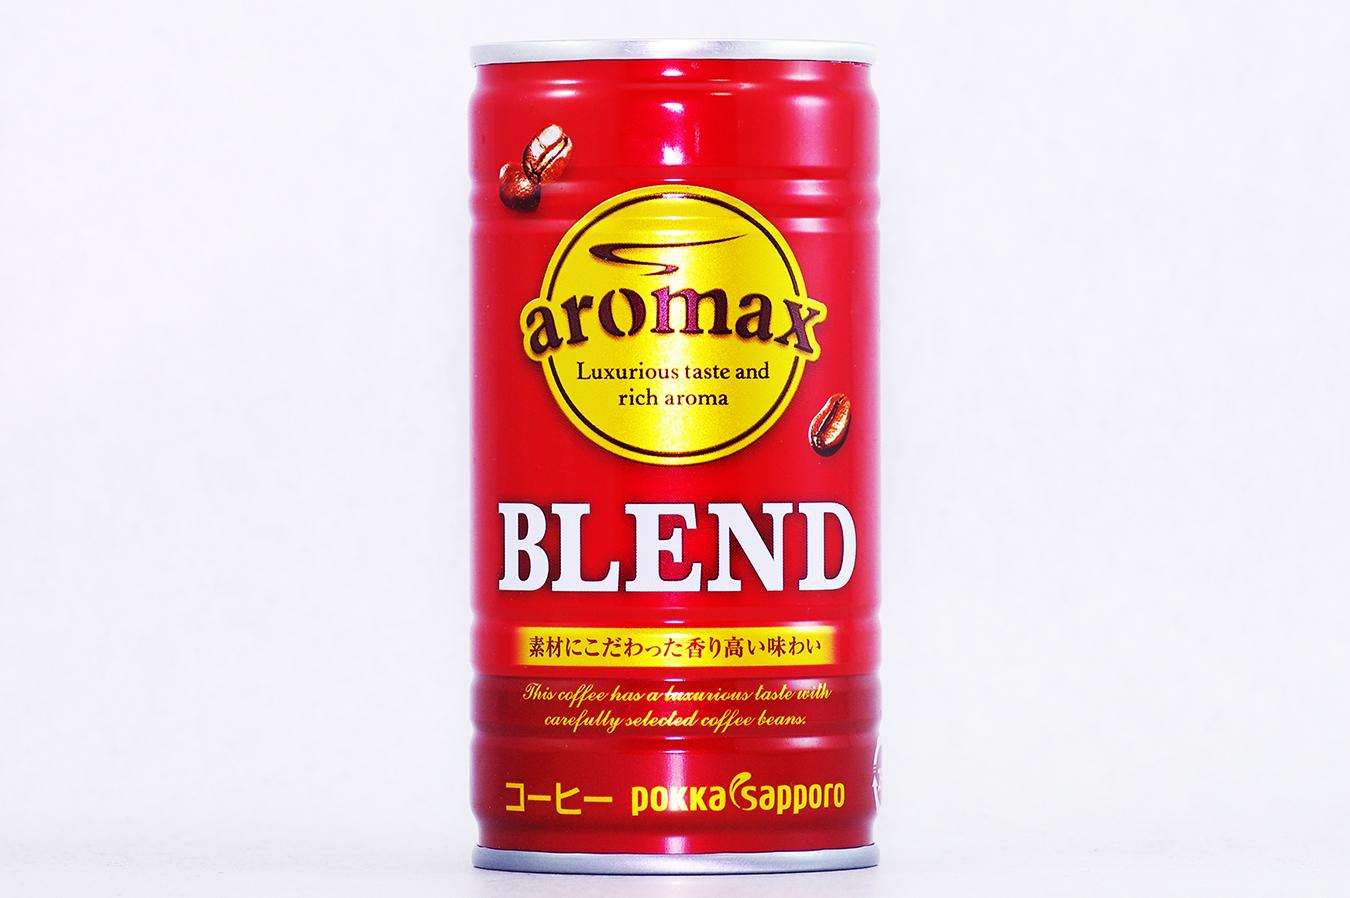 aromax ブレンド 2017年